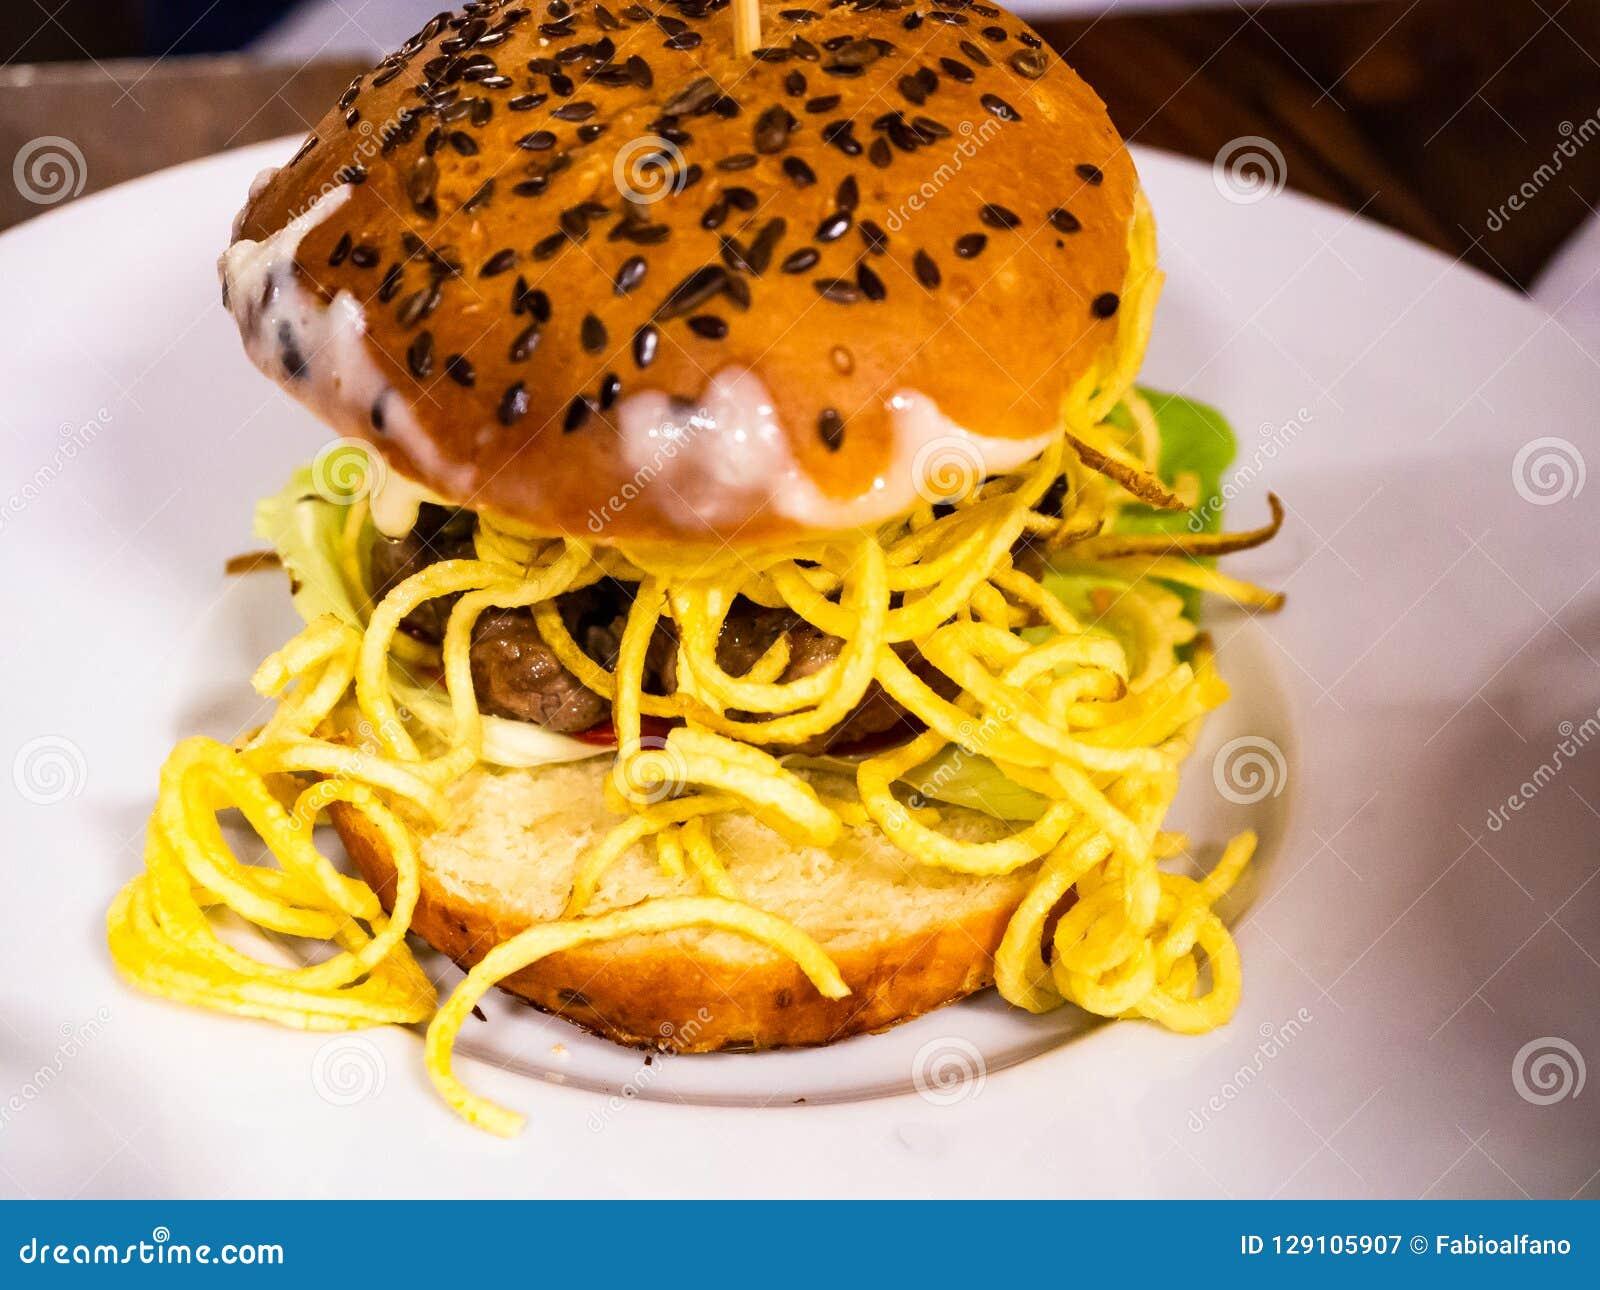 Sandwich mit Rindfleischburger und vielen Fischrogen